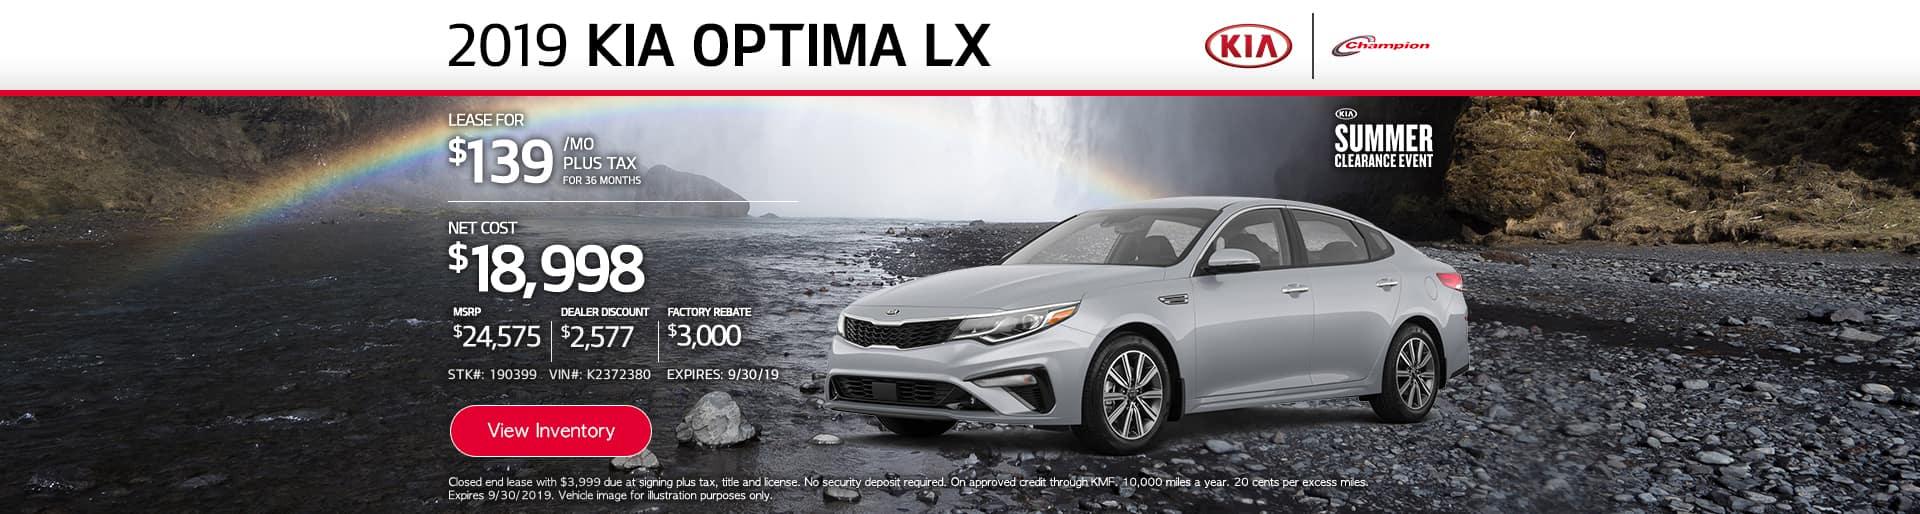 desktop TK 2019 Kia Optima LX